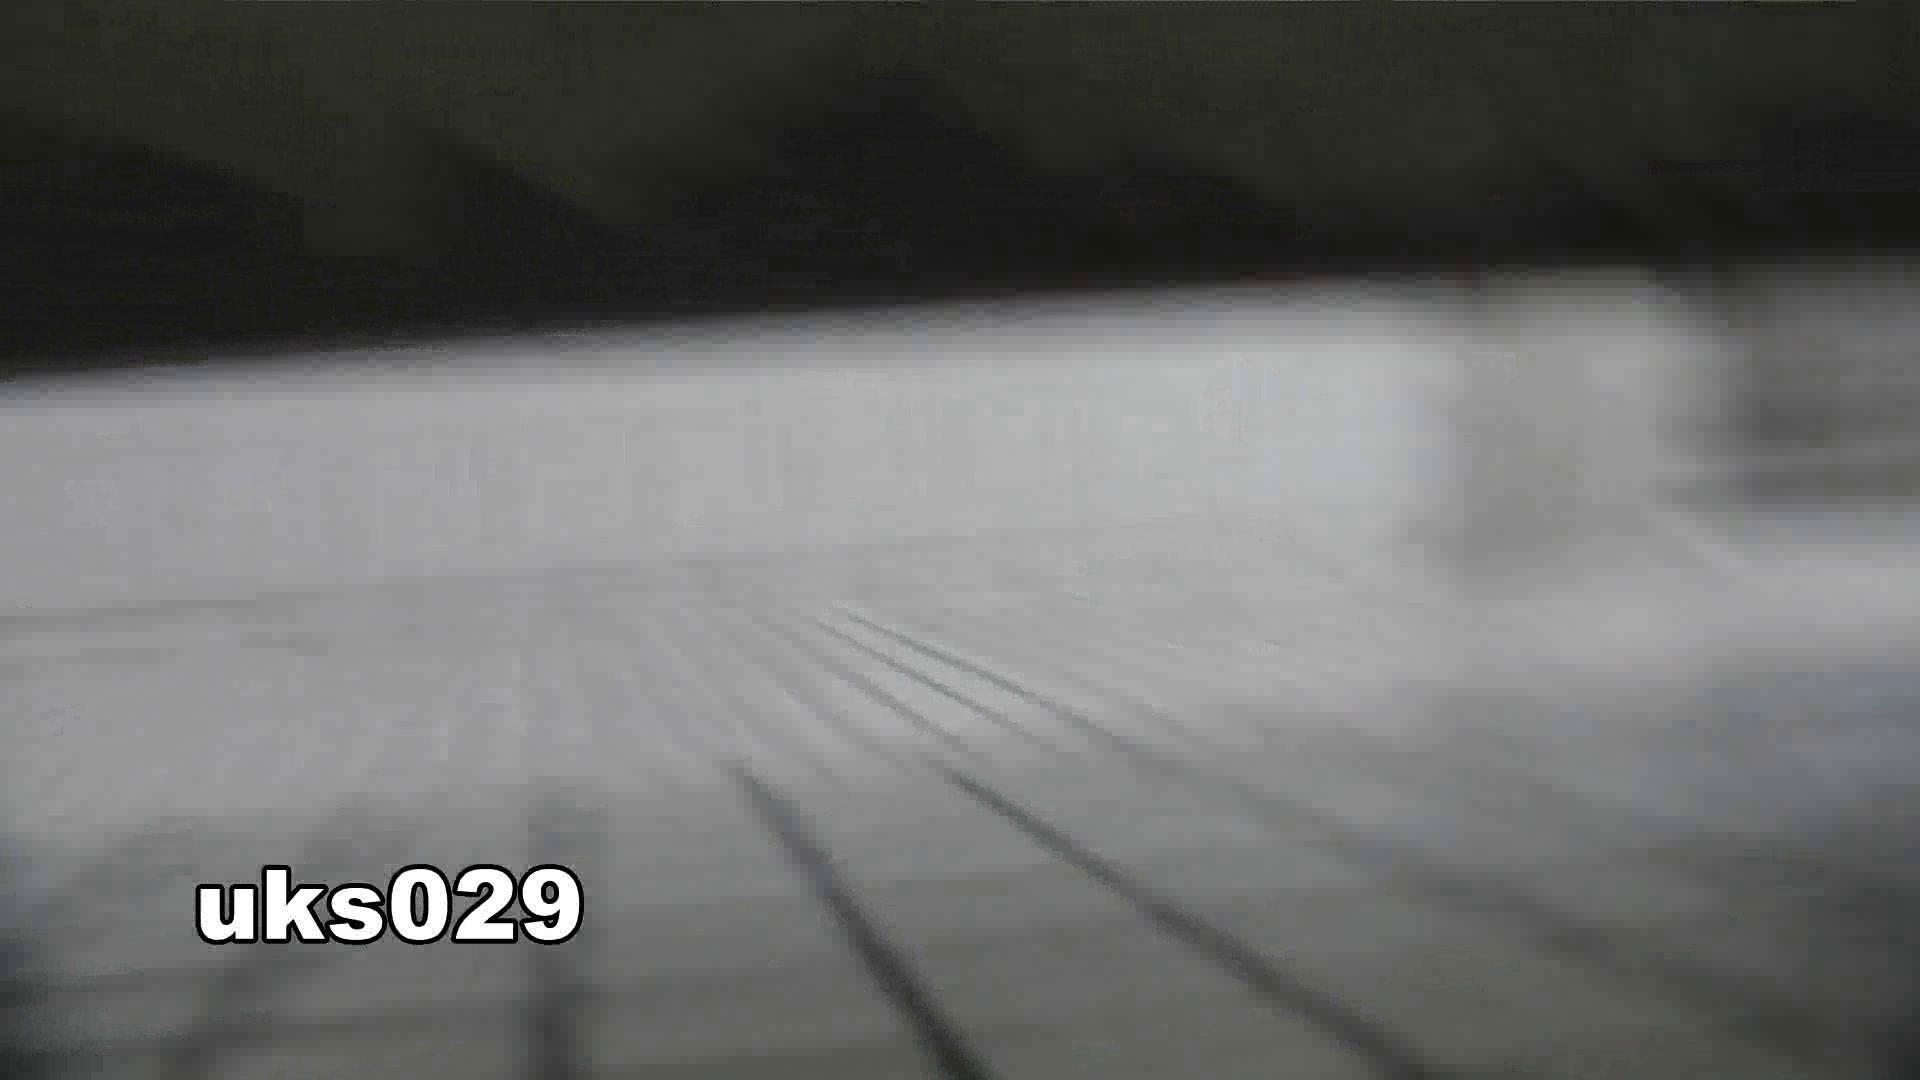 【美しき個室な世界】 vol.029 澄ました顔してにょろにょろ~ 高画質動画 アダルト動画キャプチャ 52画像 32